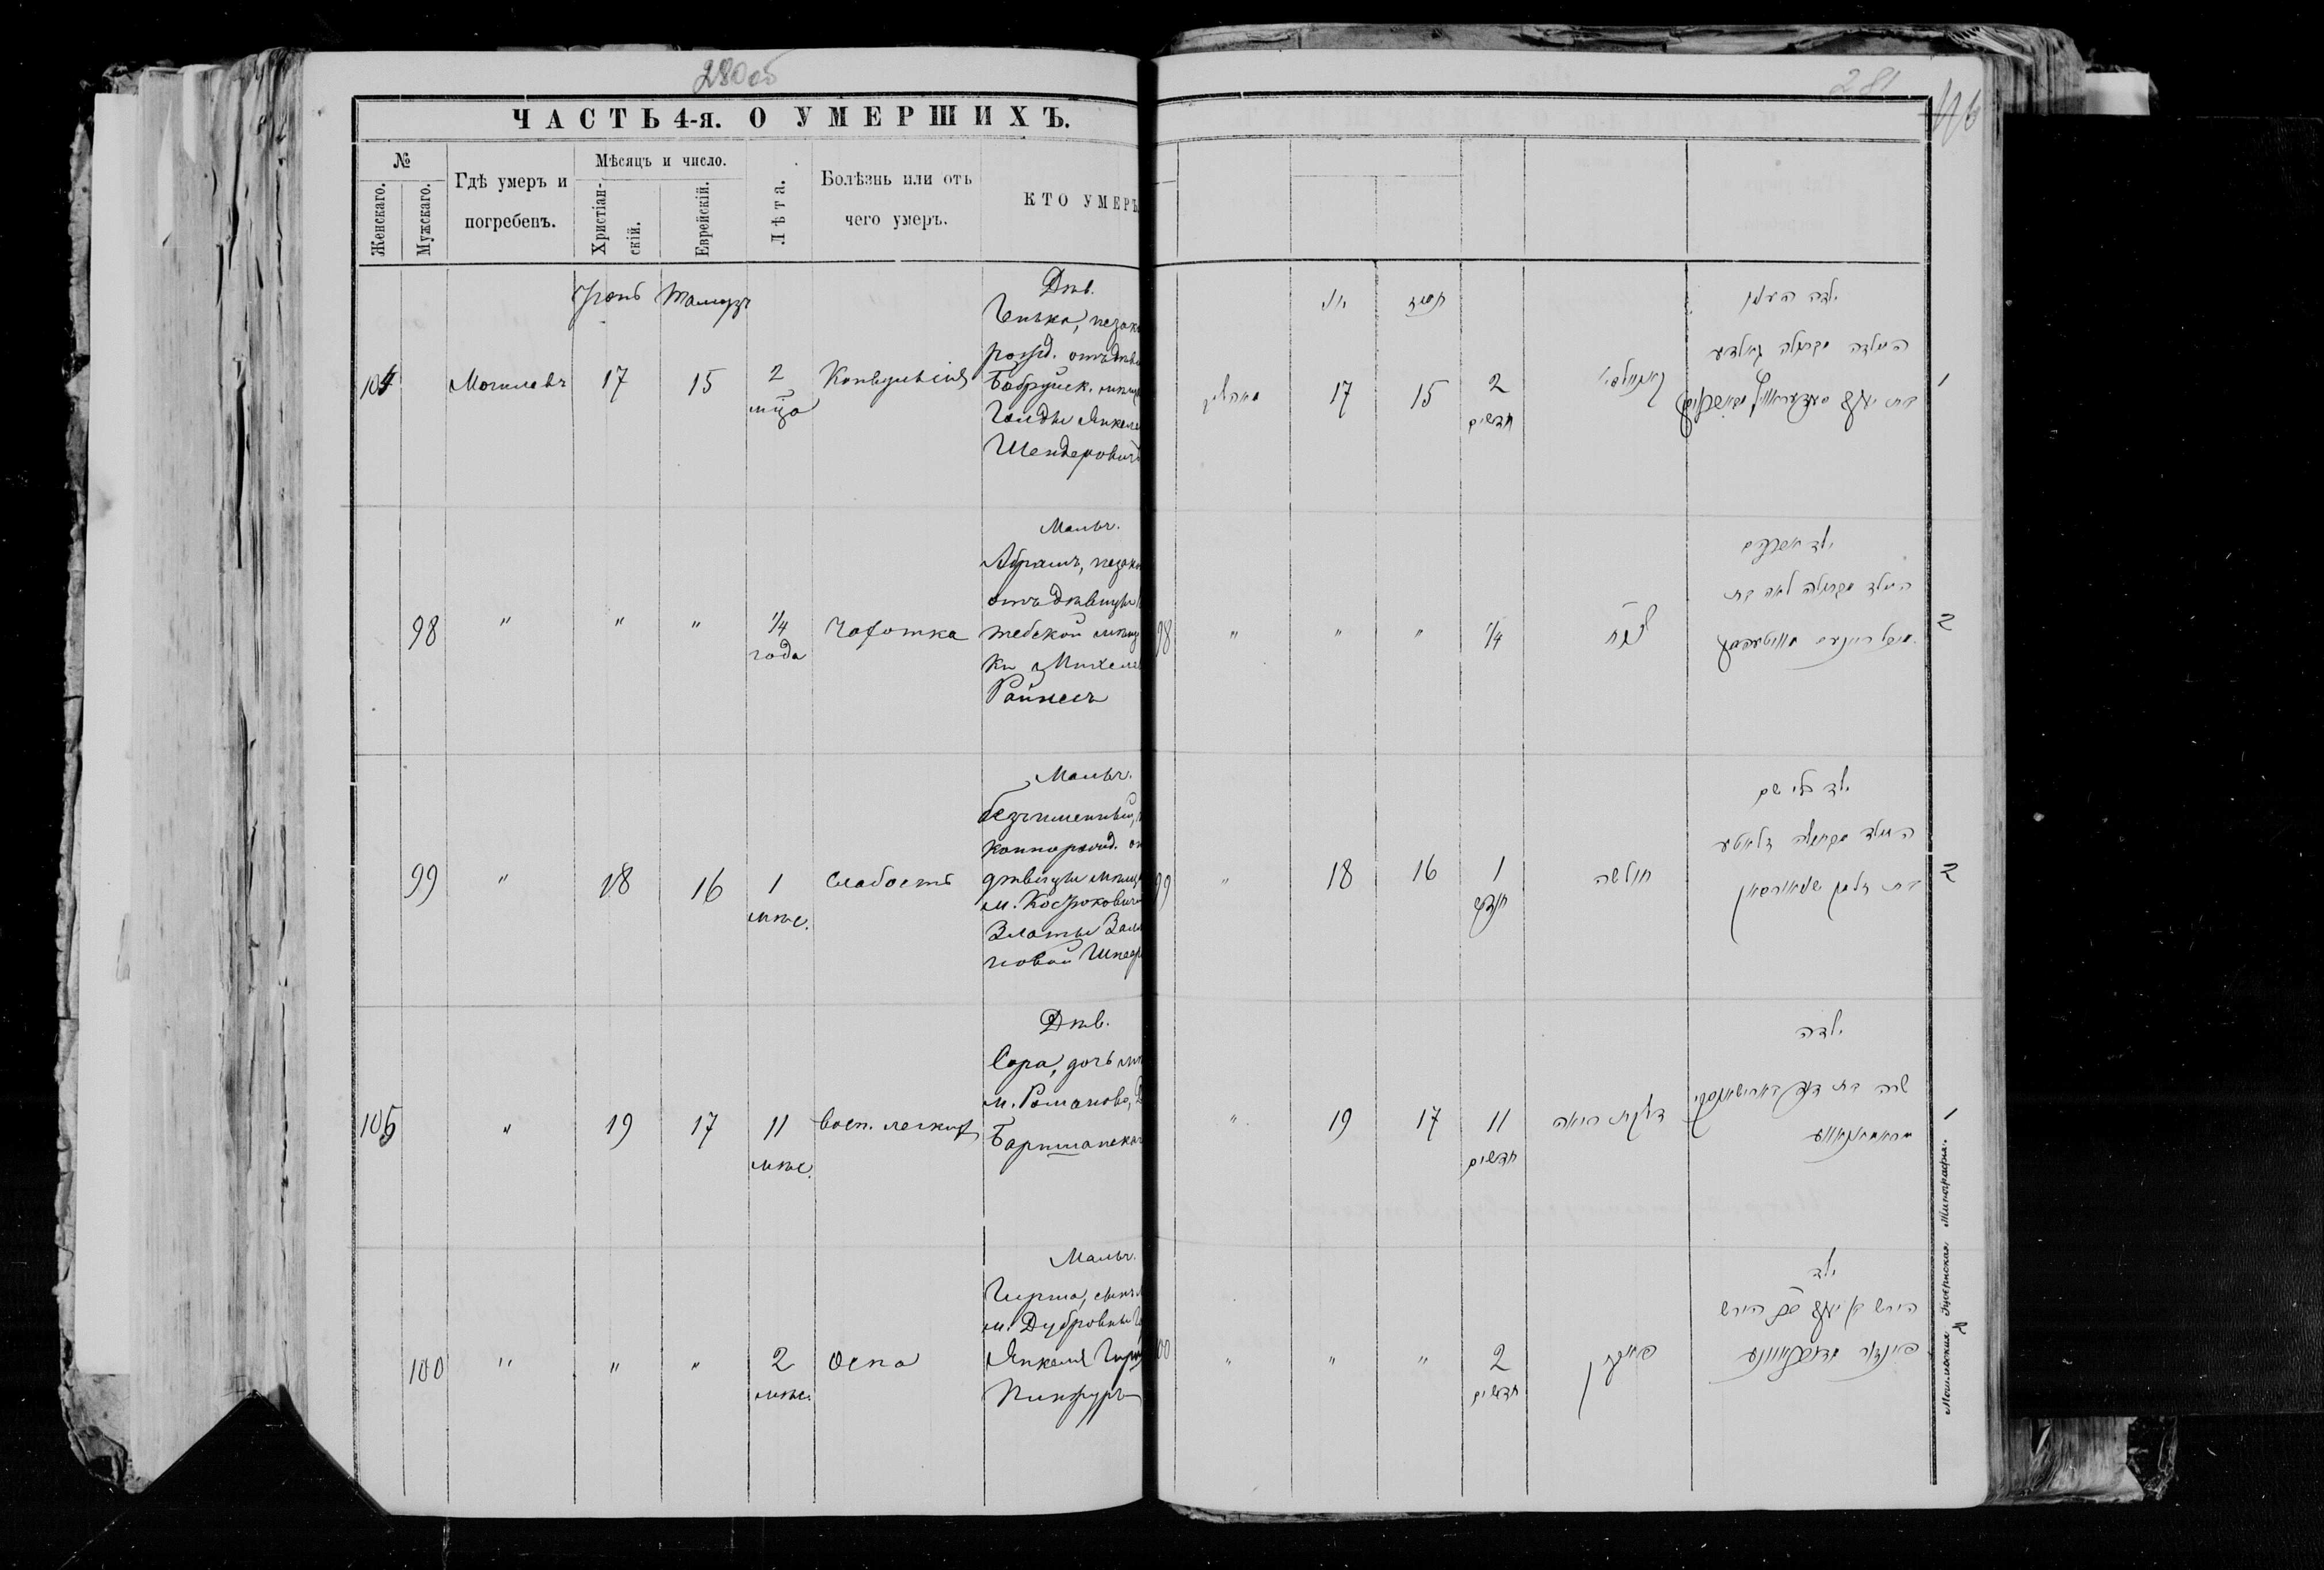 Генька Шендерович незаконнорожденная ум.17 июня 1893, запись 104, пленка 004563097, снимок 806